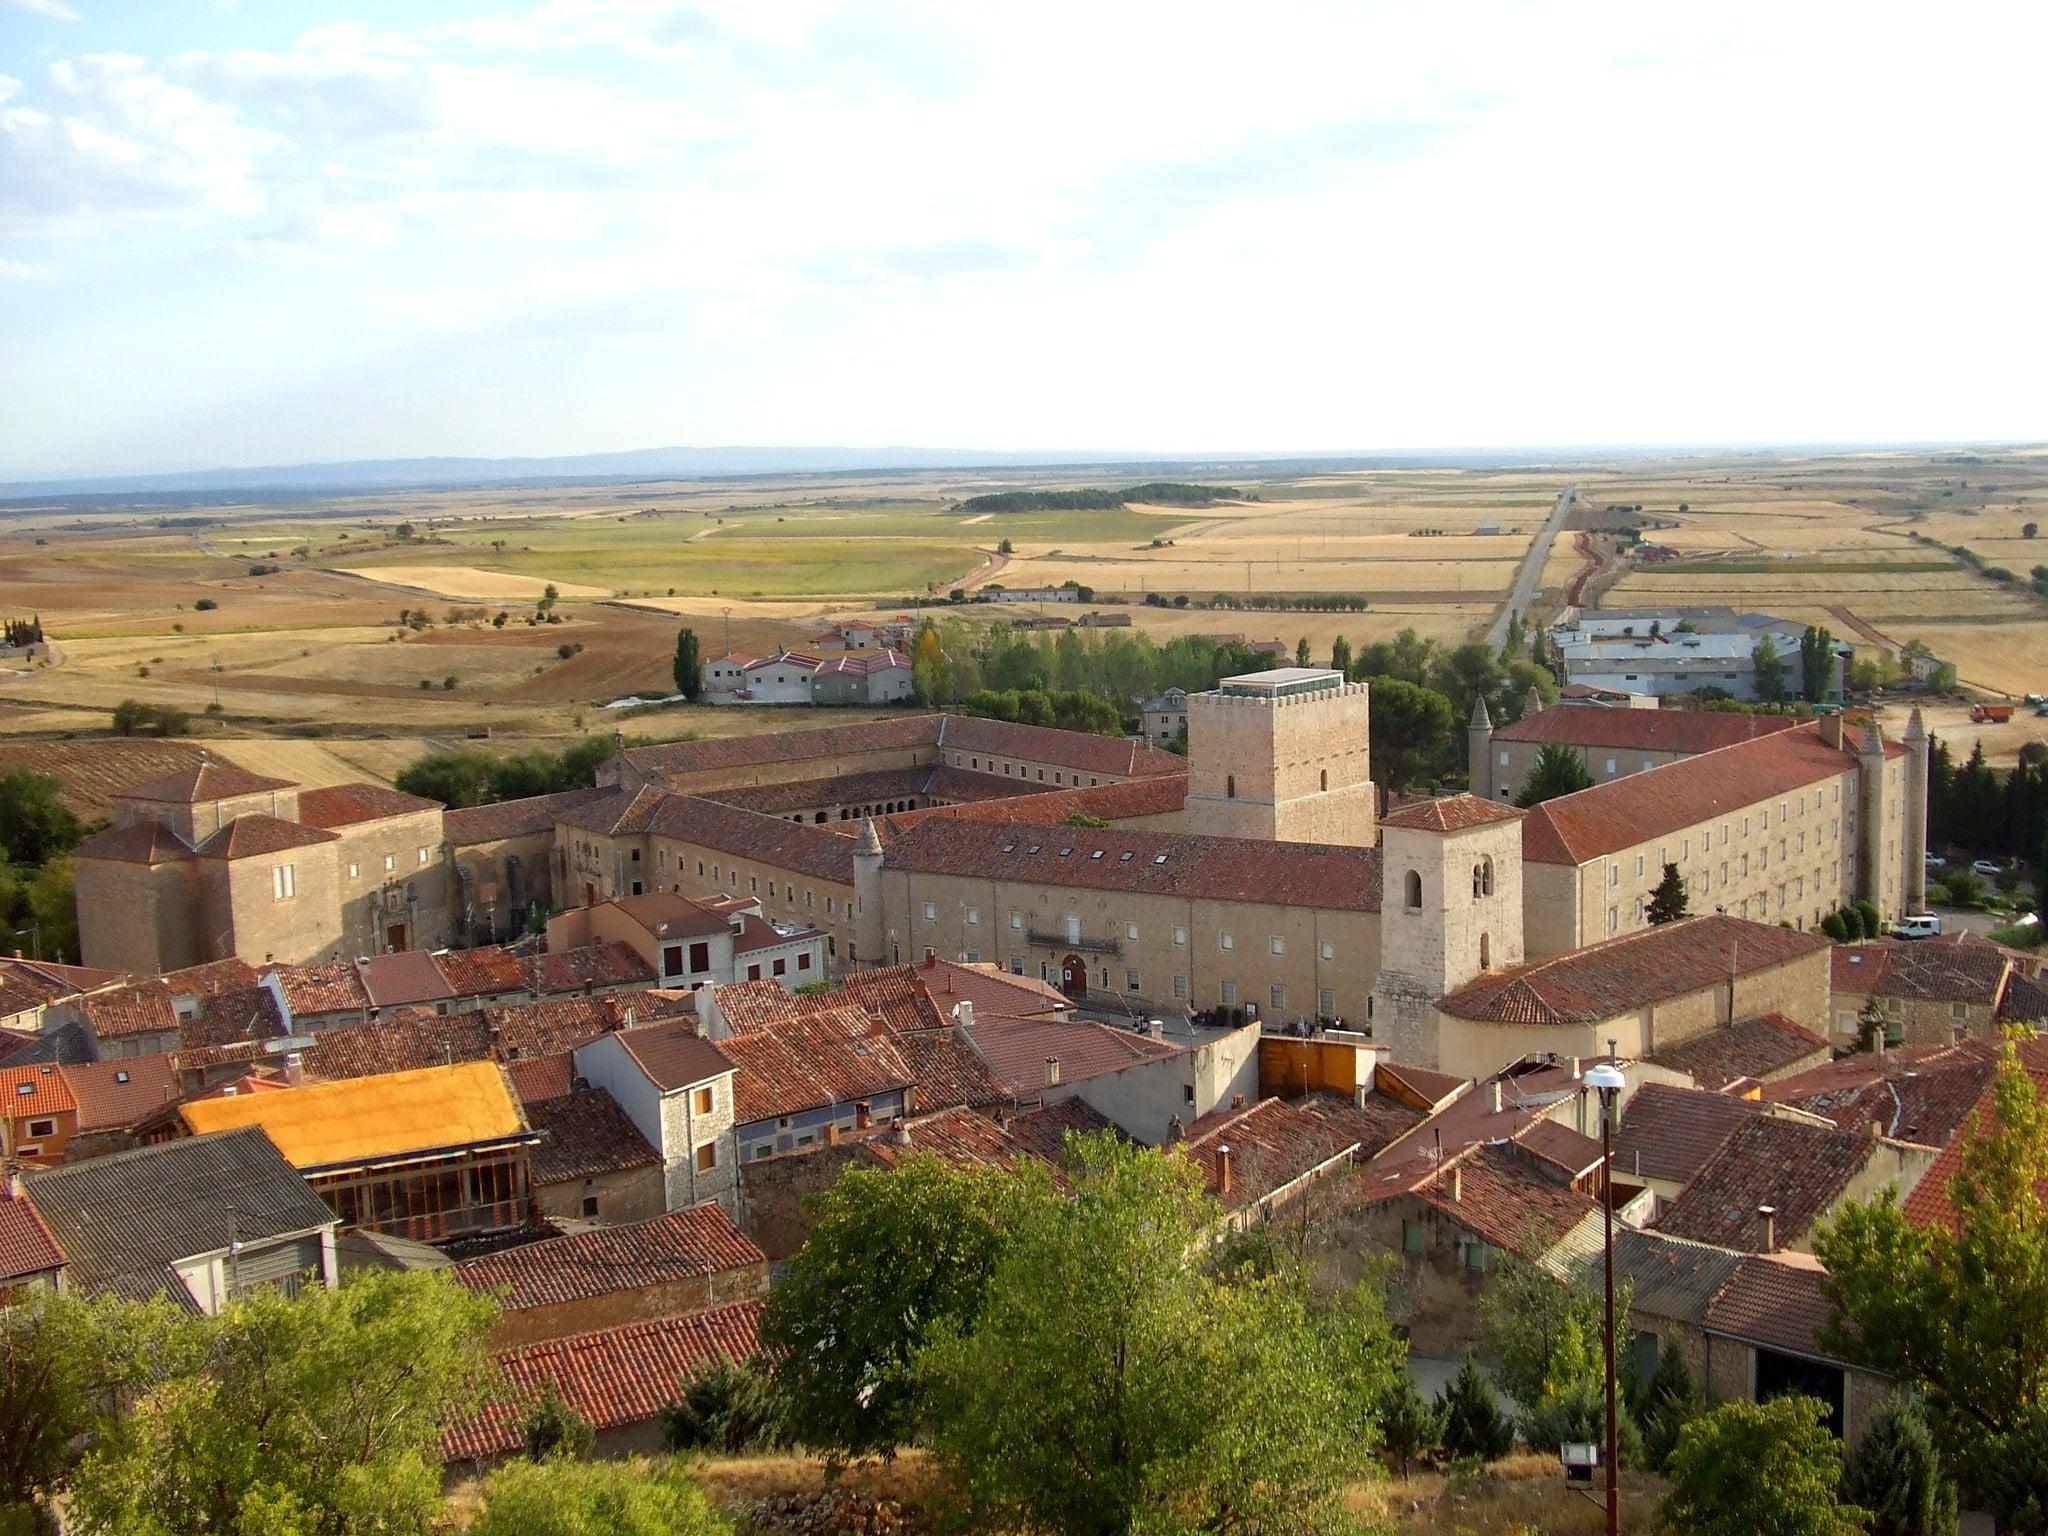 Imagen del Torreon de Los Guzmanes en la provincia de Burgos